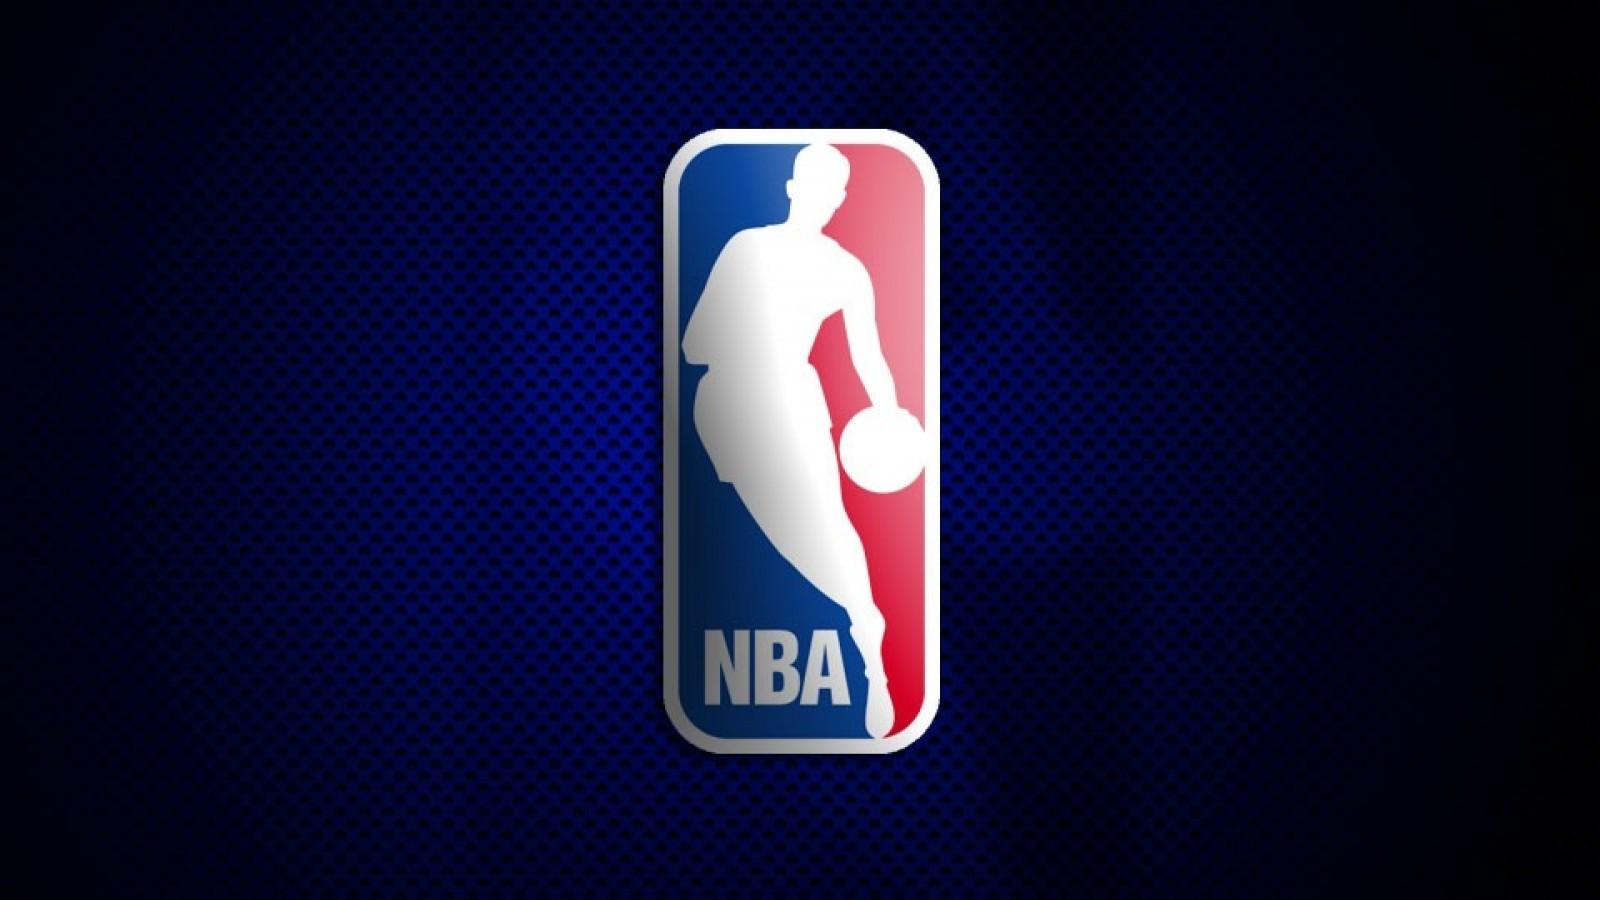 Найкращі моменти матчів НБА 5 лютого